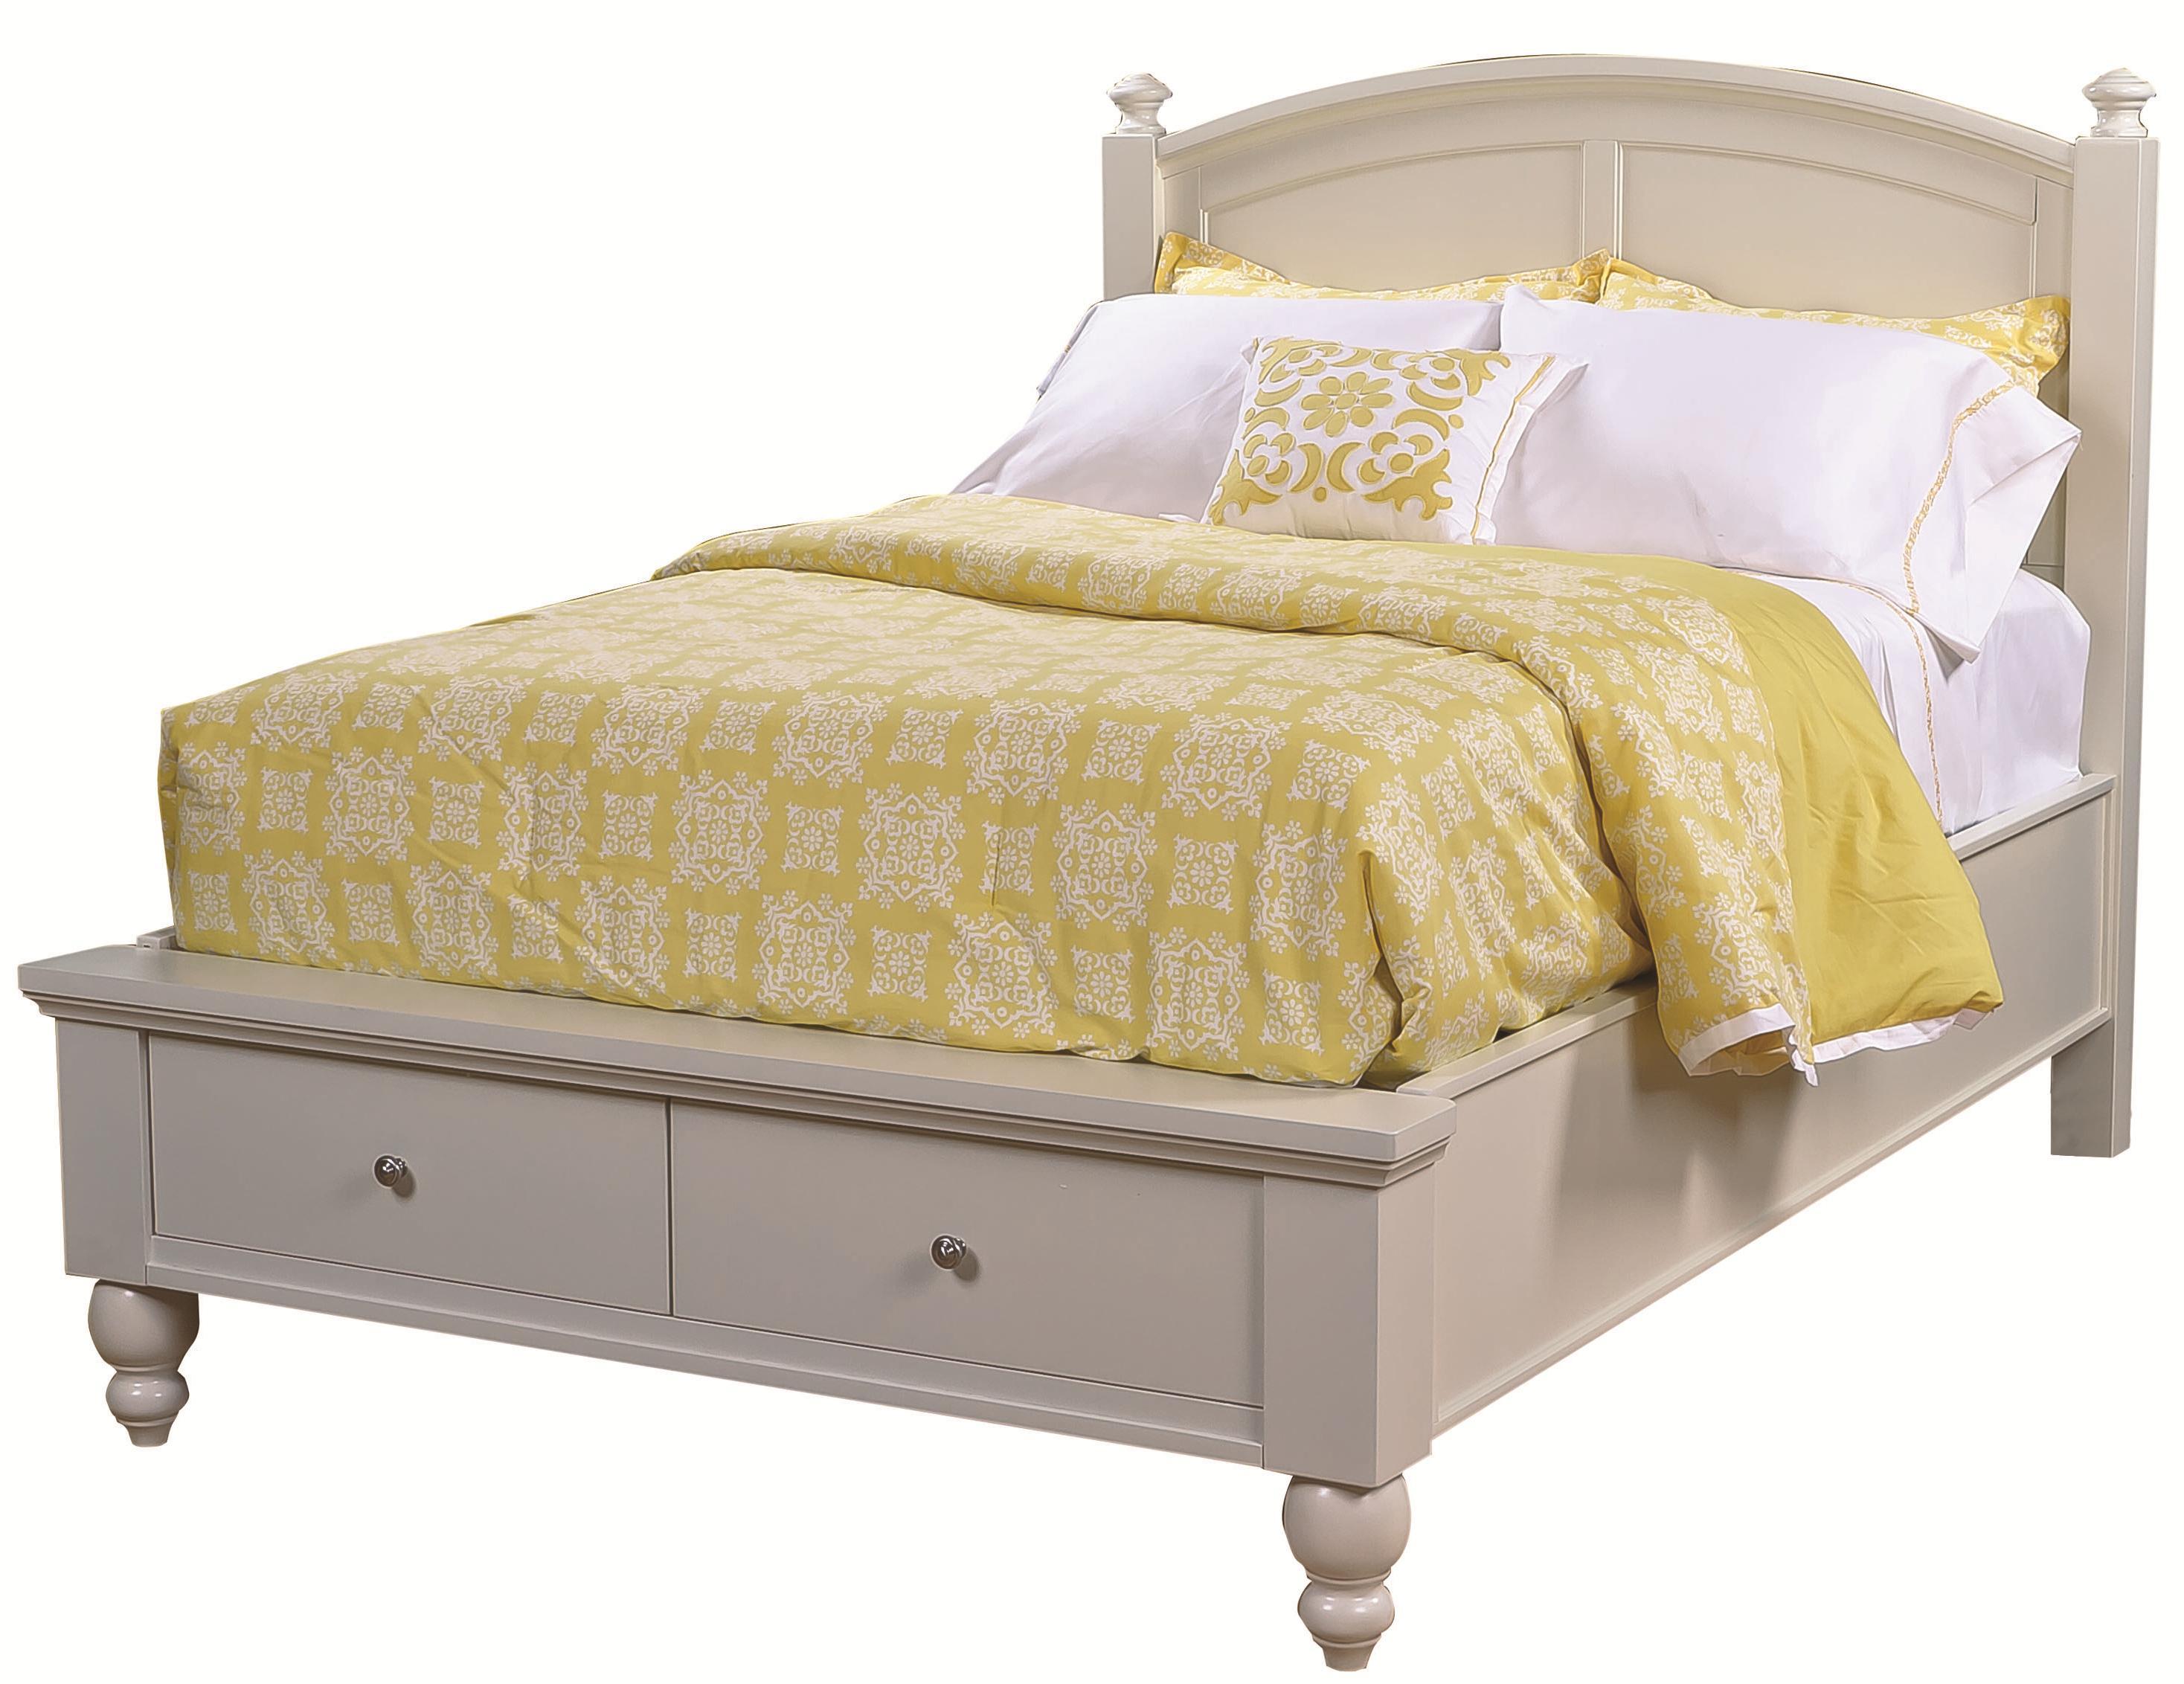 Aspenhome Cambridge King Panel Storage Bed - Item Number: ICB-415+407D+406L-EGG